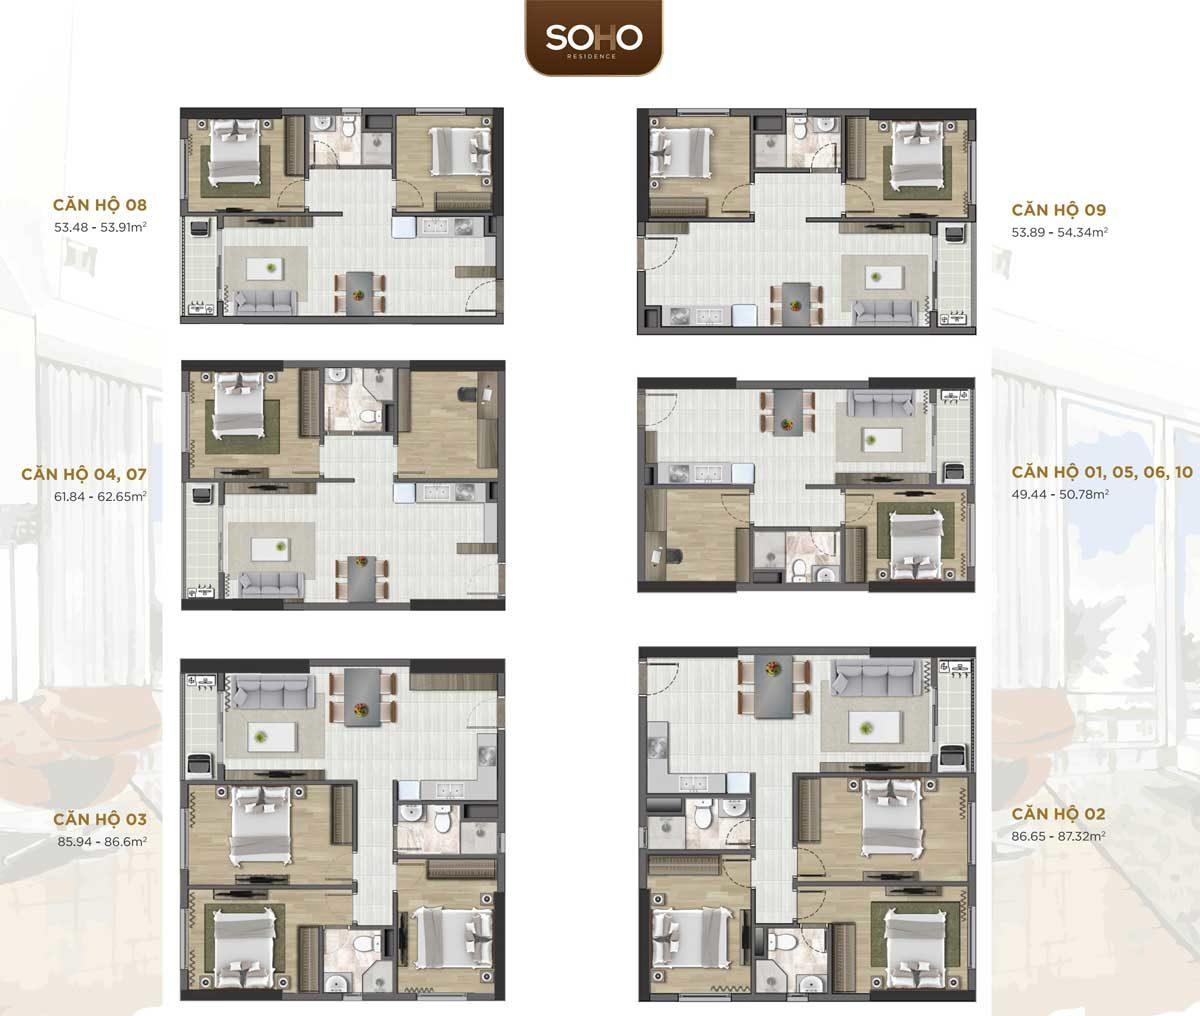 Thiết kế Căn hộ Soho Residence Novaland Cô Giang Quận 1